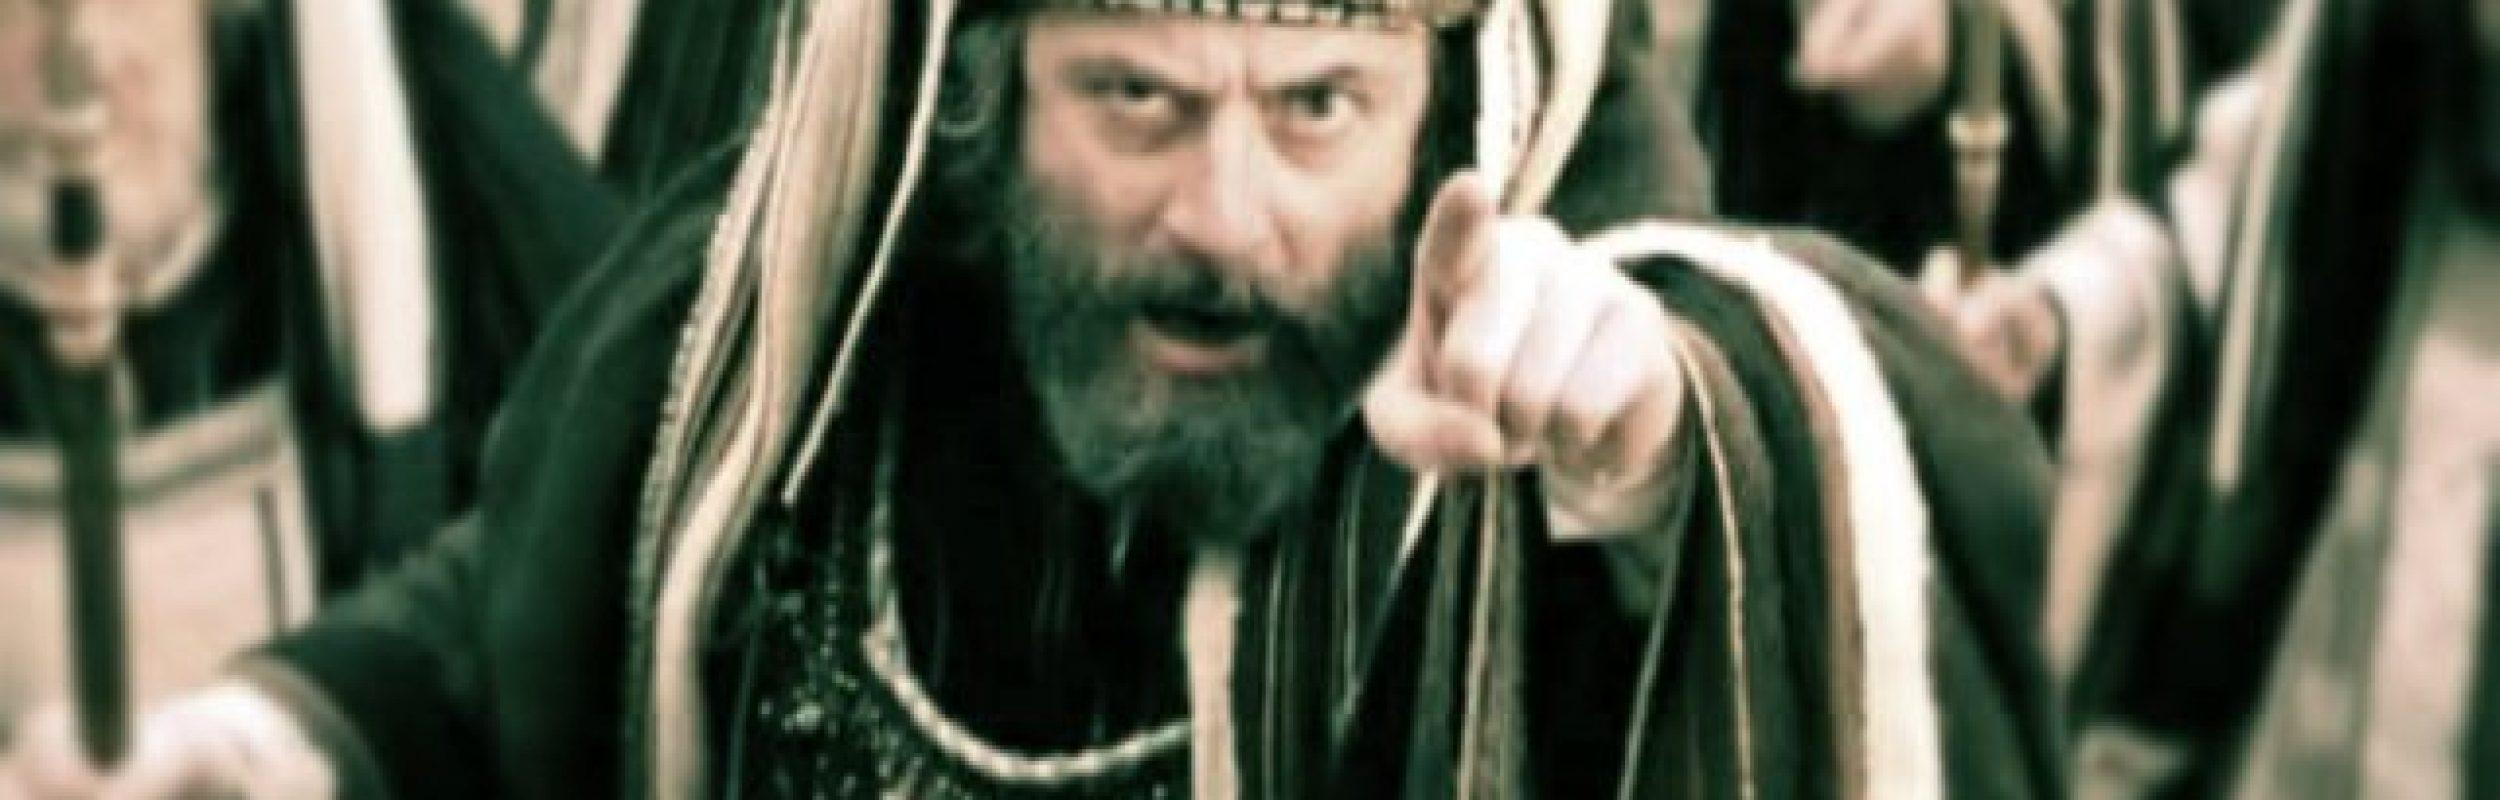 Judaizantes, Conspiraciones y Desinformación